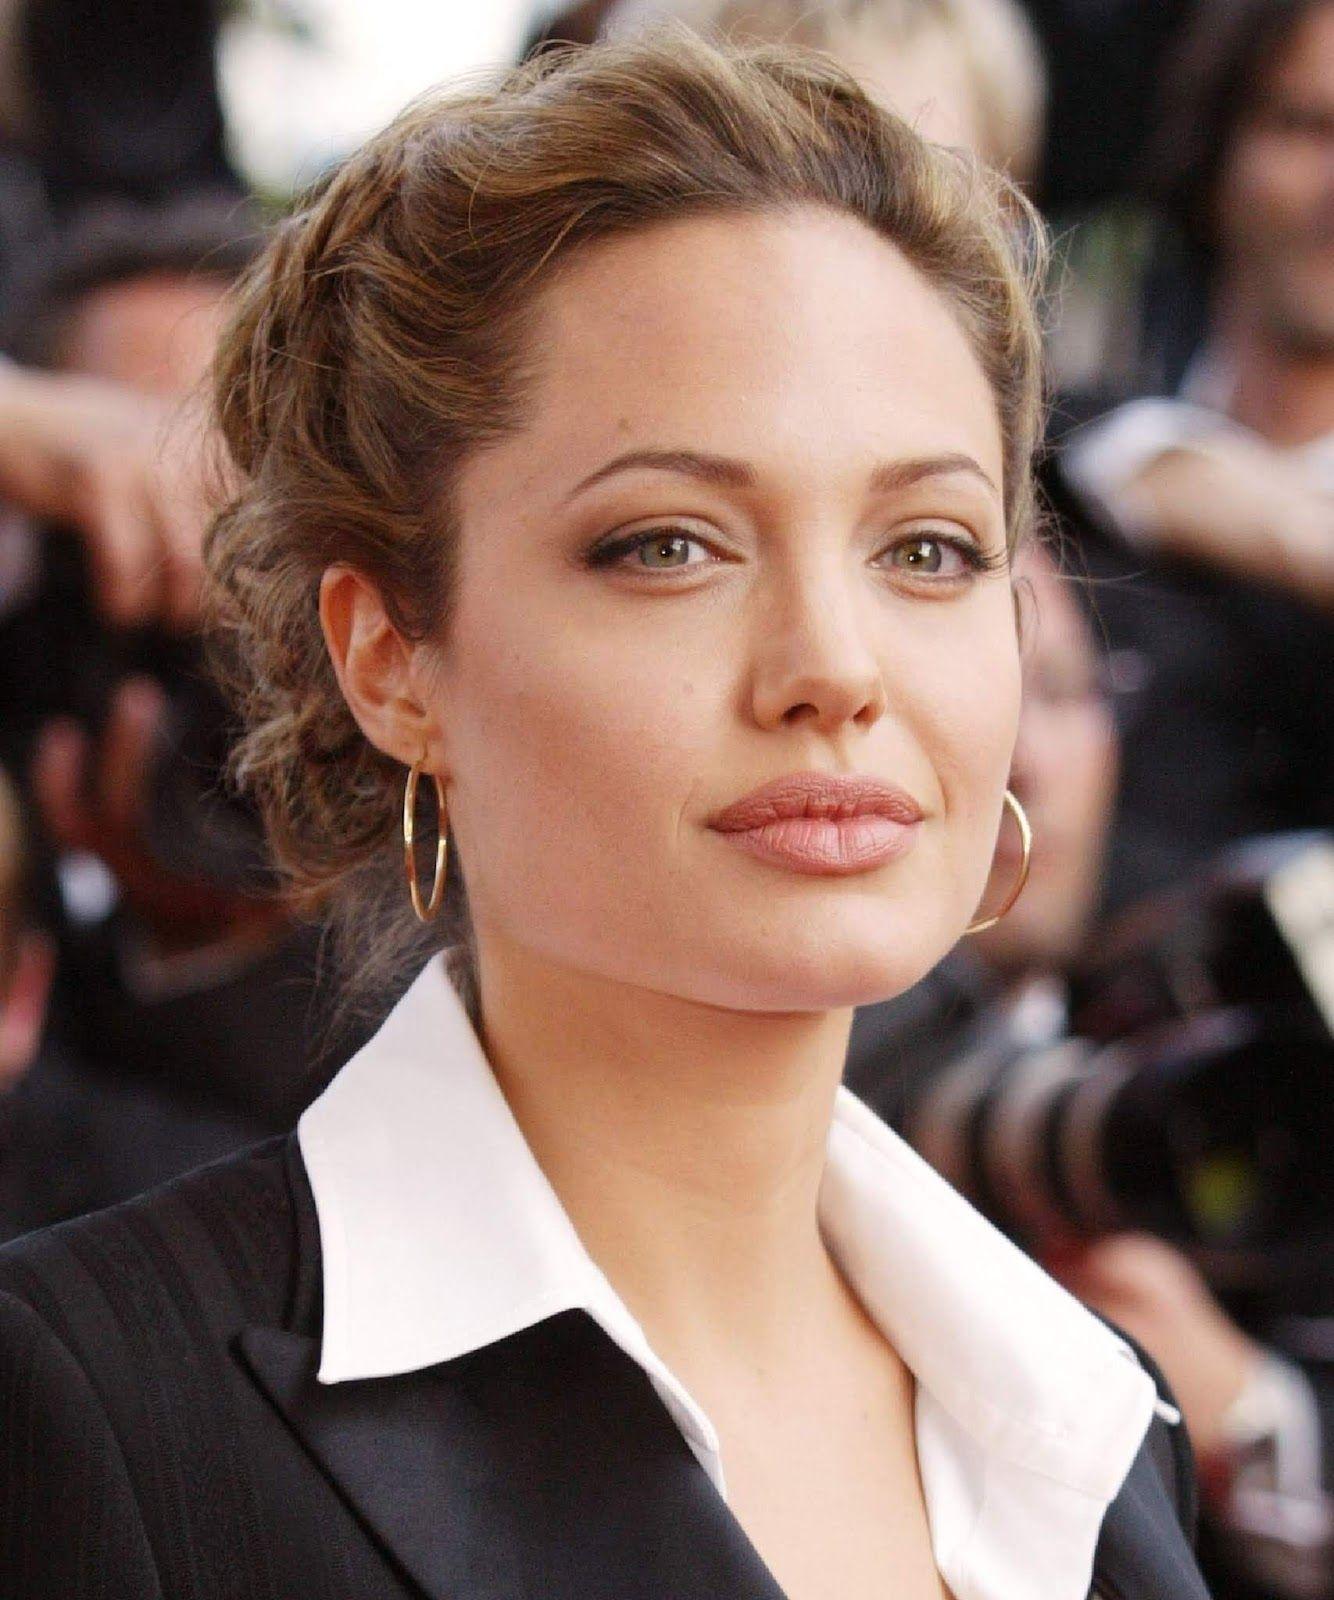 Angelina Jolie Angelina Jolie Hair Angelina Jolie Makeup Angelina Jolie 90s